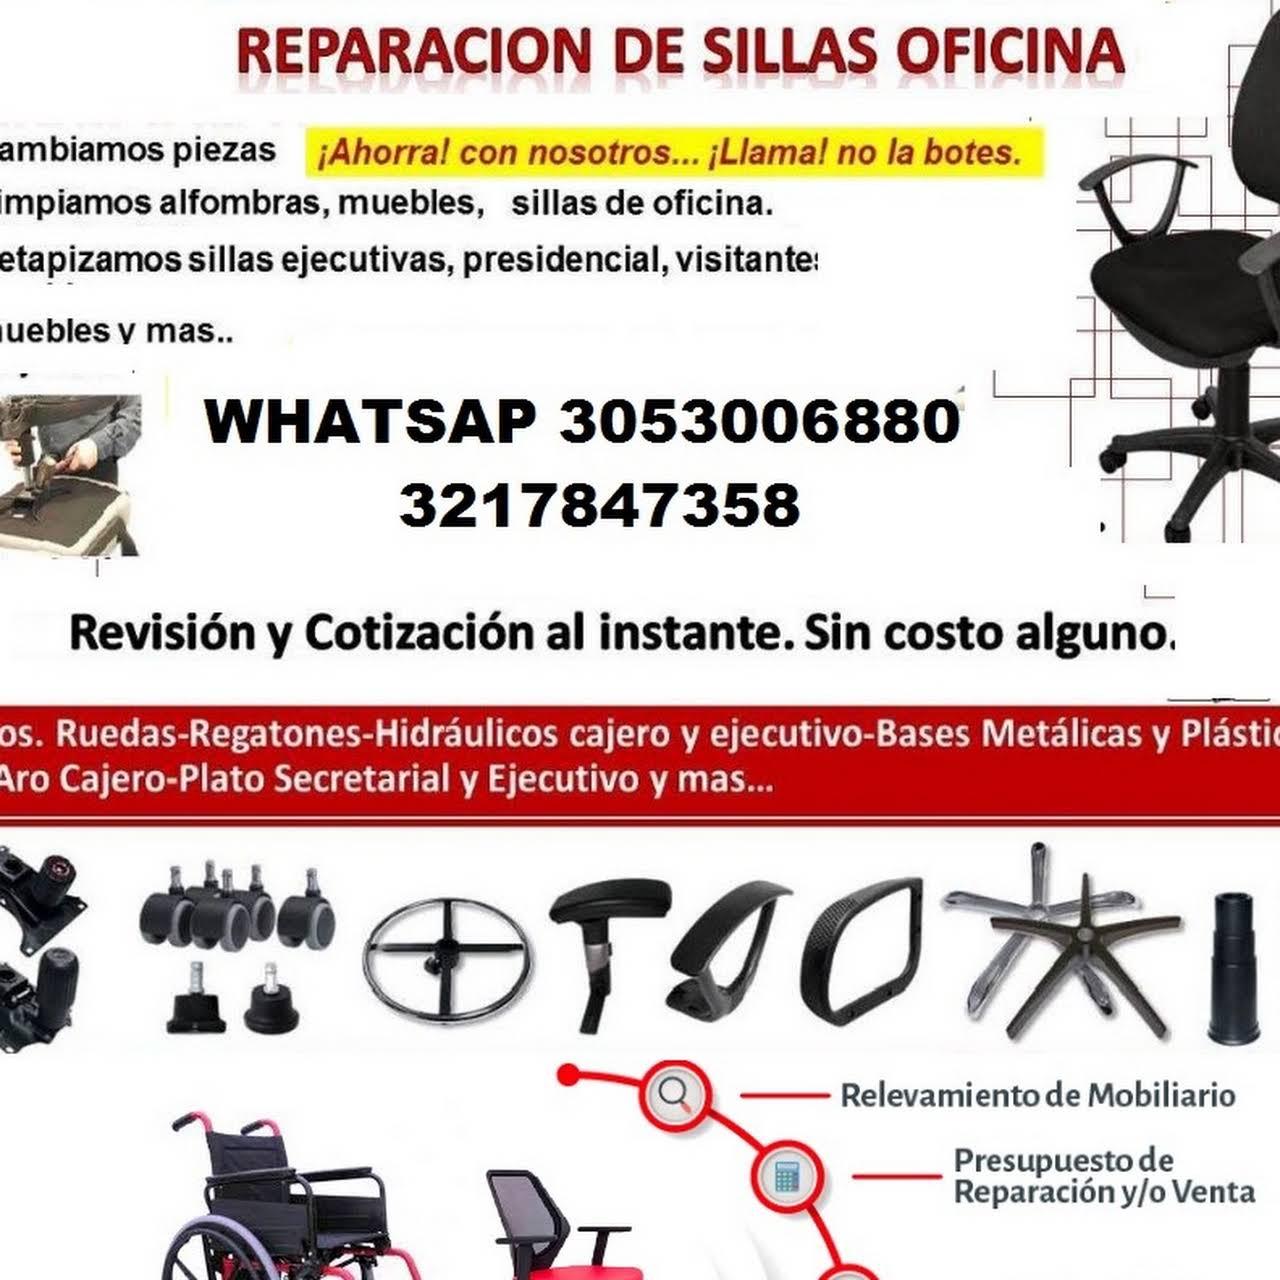 REPARACION DE SILLAS OFICINA MANTENIMIENTO EN CALI - Tienda de ...